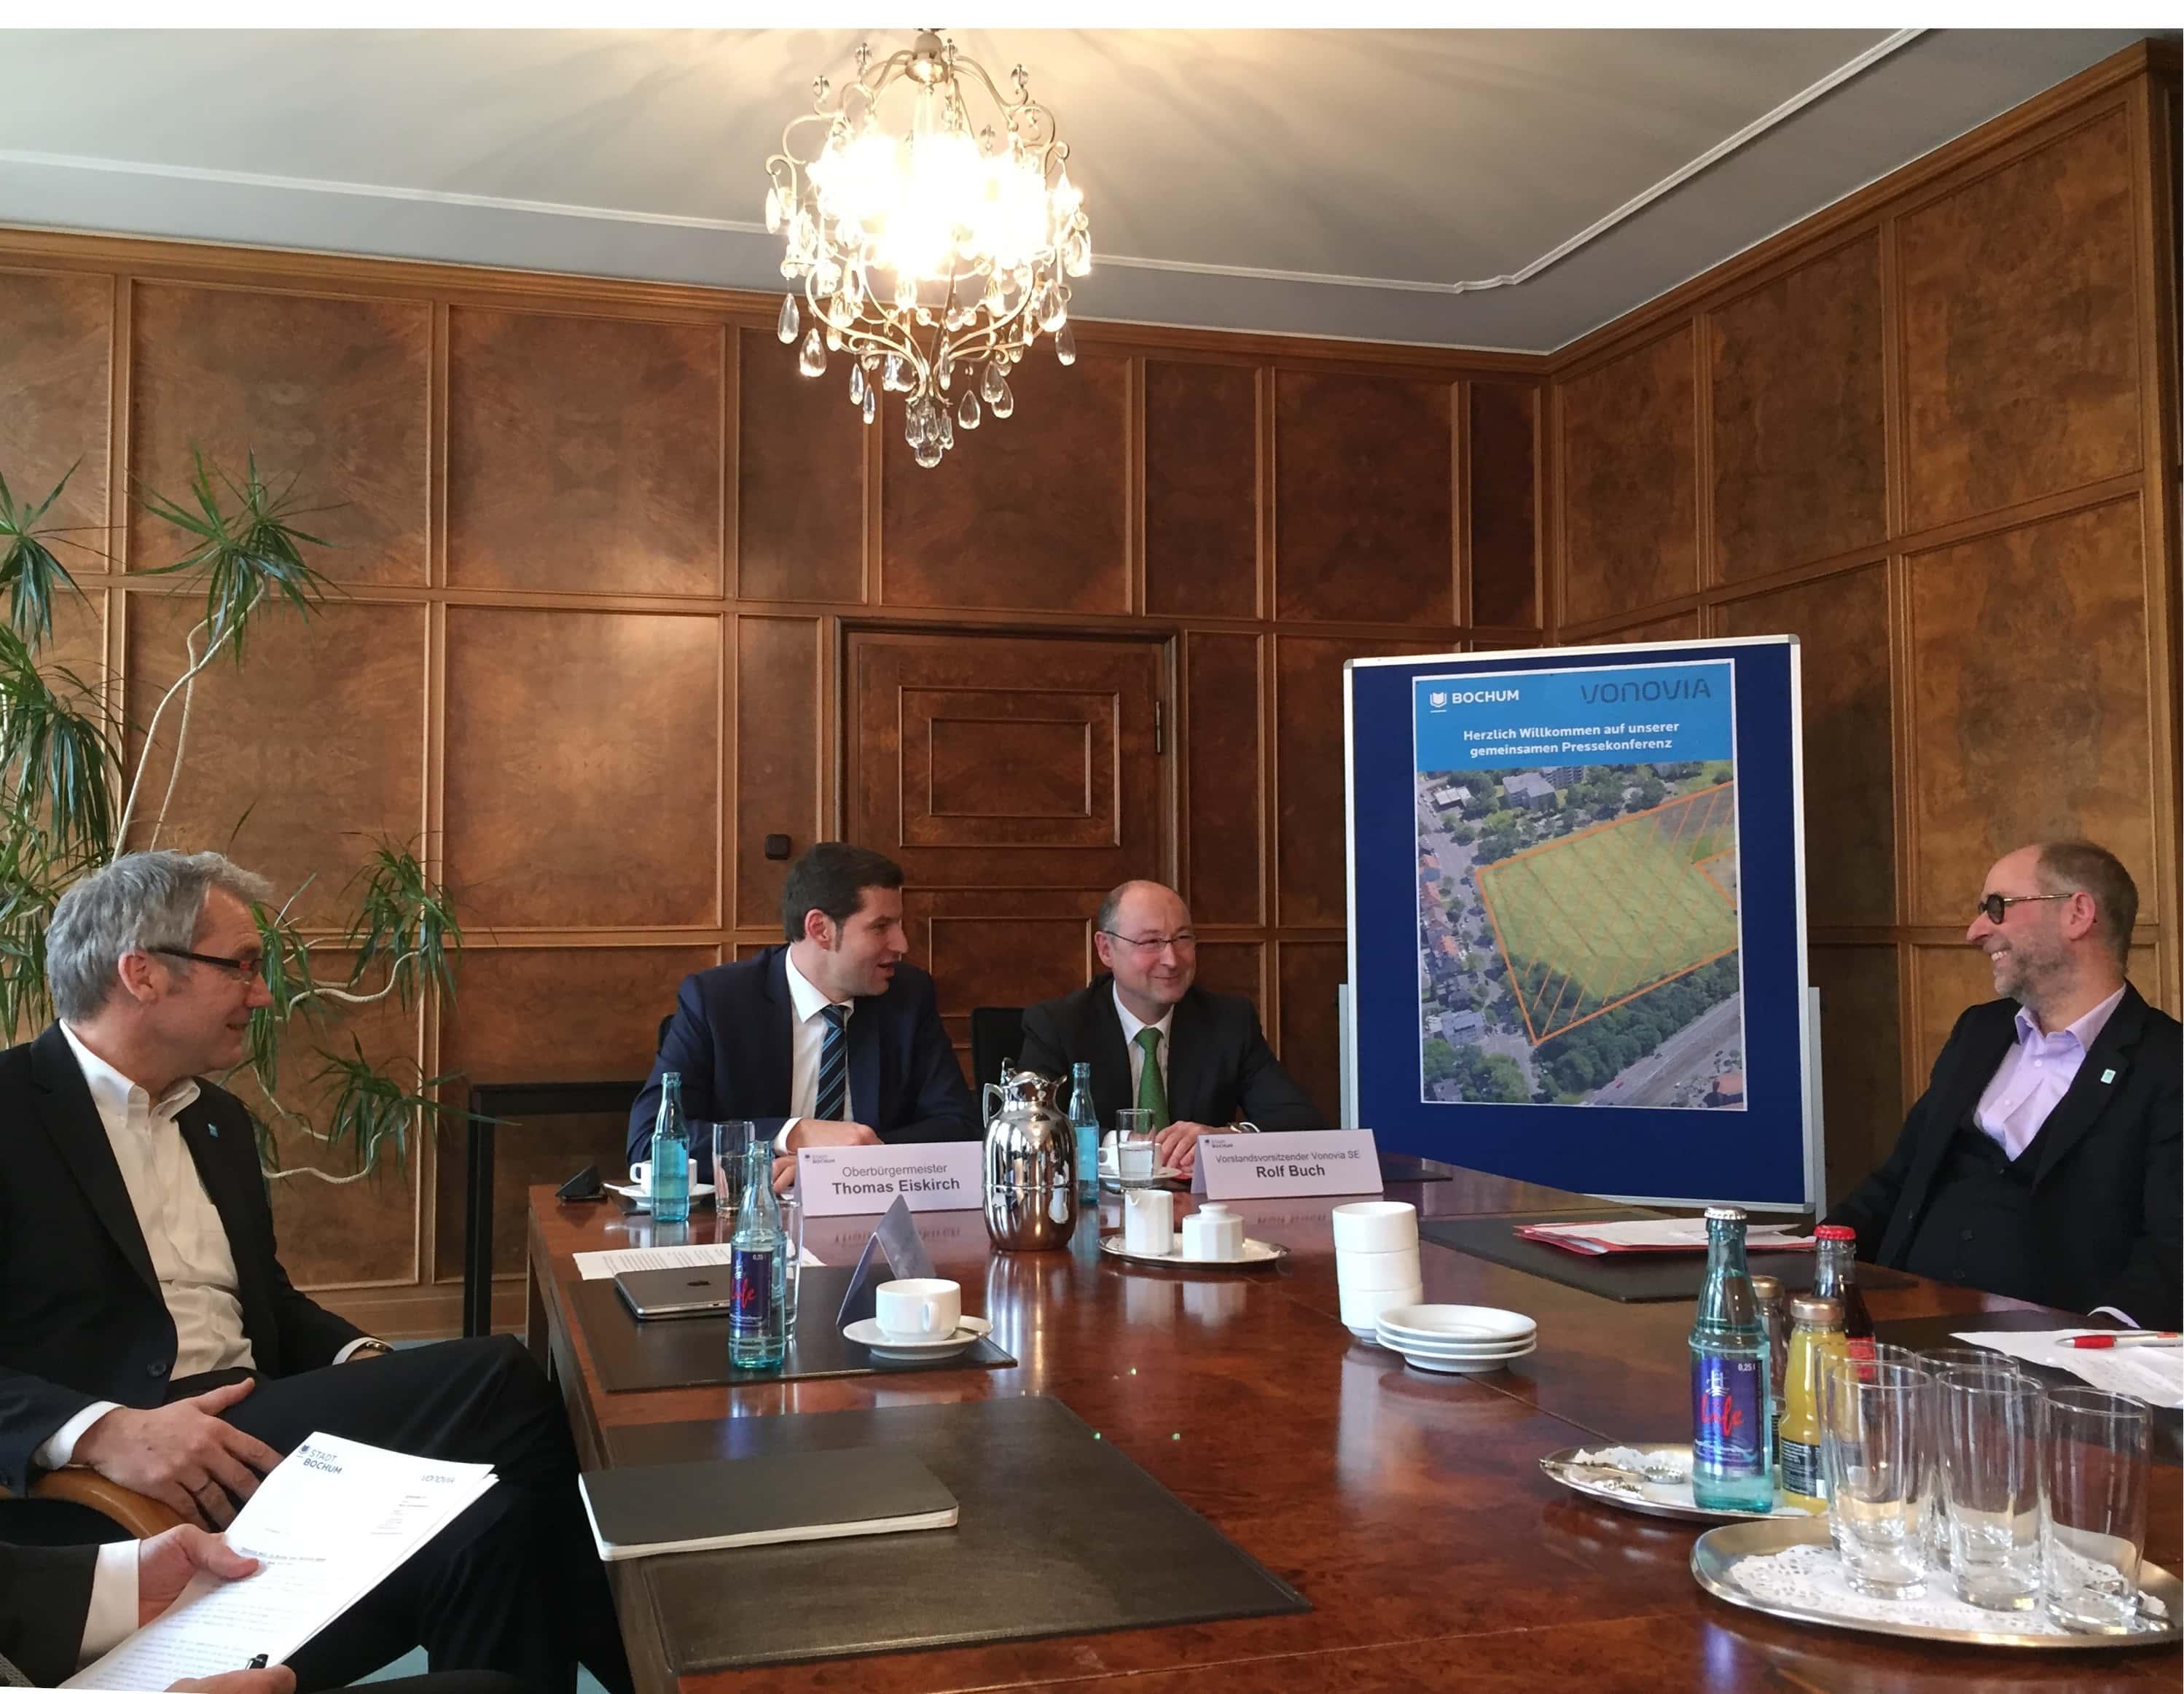 Pressekonferenz der Stadt Bochum zusammen mit Vonovia (Dezember 2015)